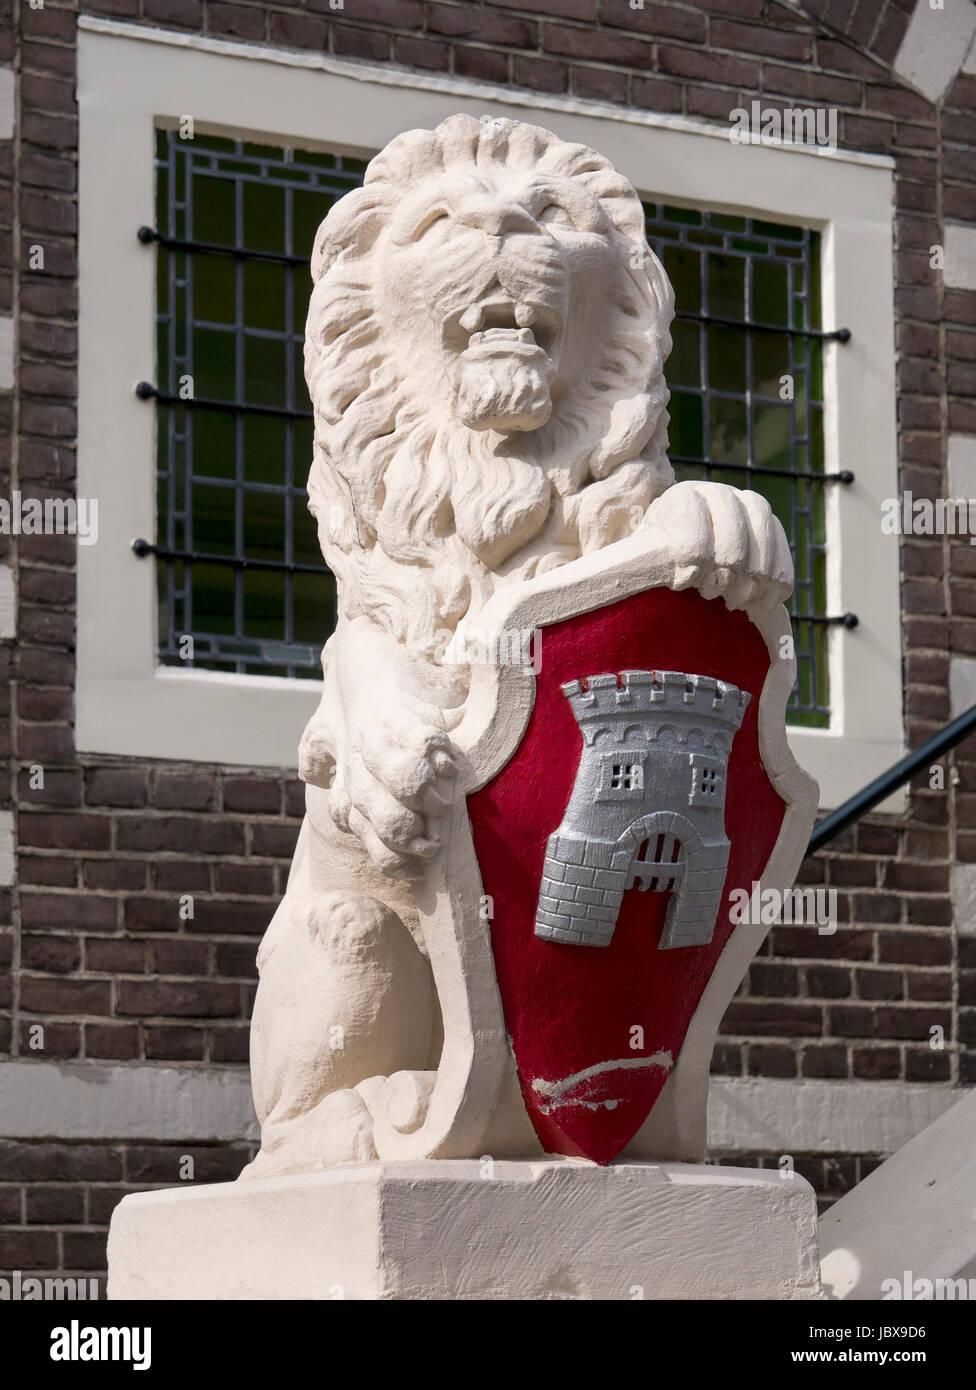 Rathaus in Alkmaar, Provinz Nordholland, Niederlande City Hall  in Alkmaar, Province North Holland, Netherlands Stock Photo